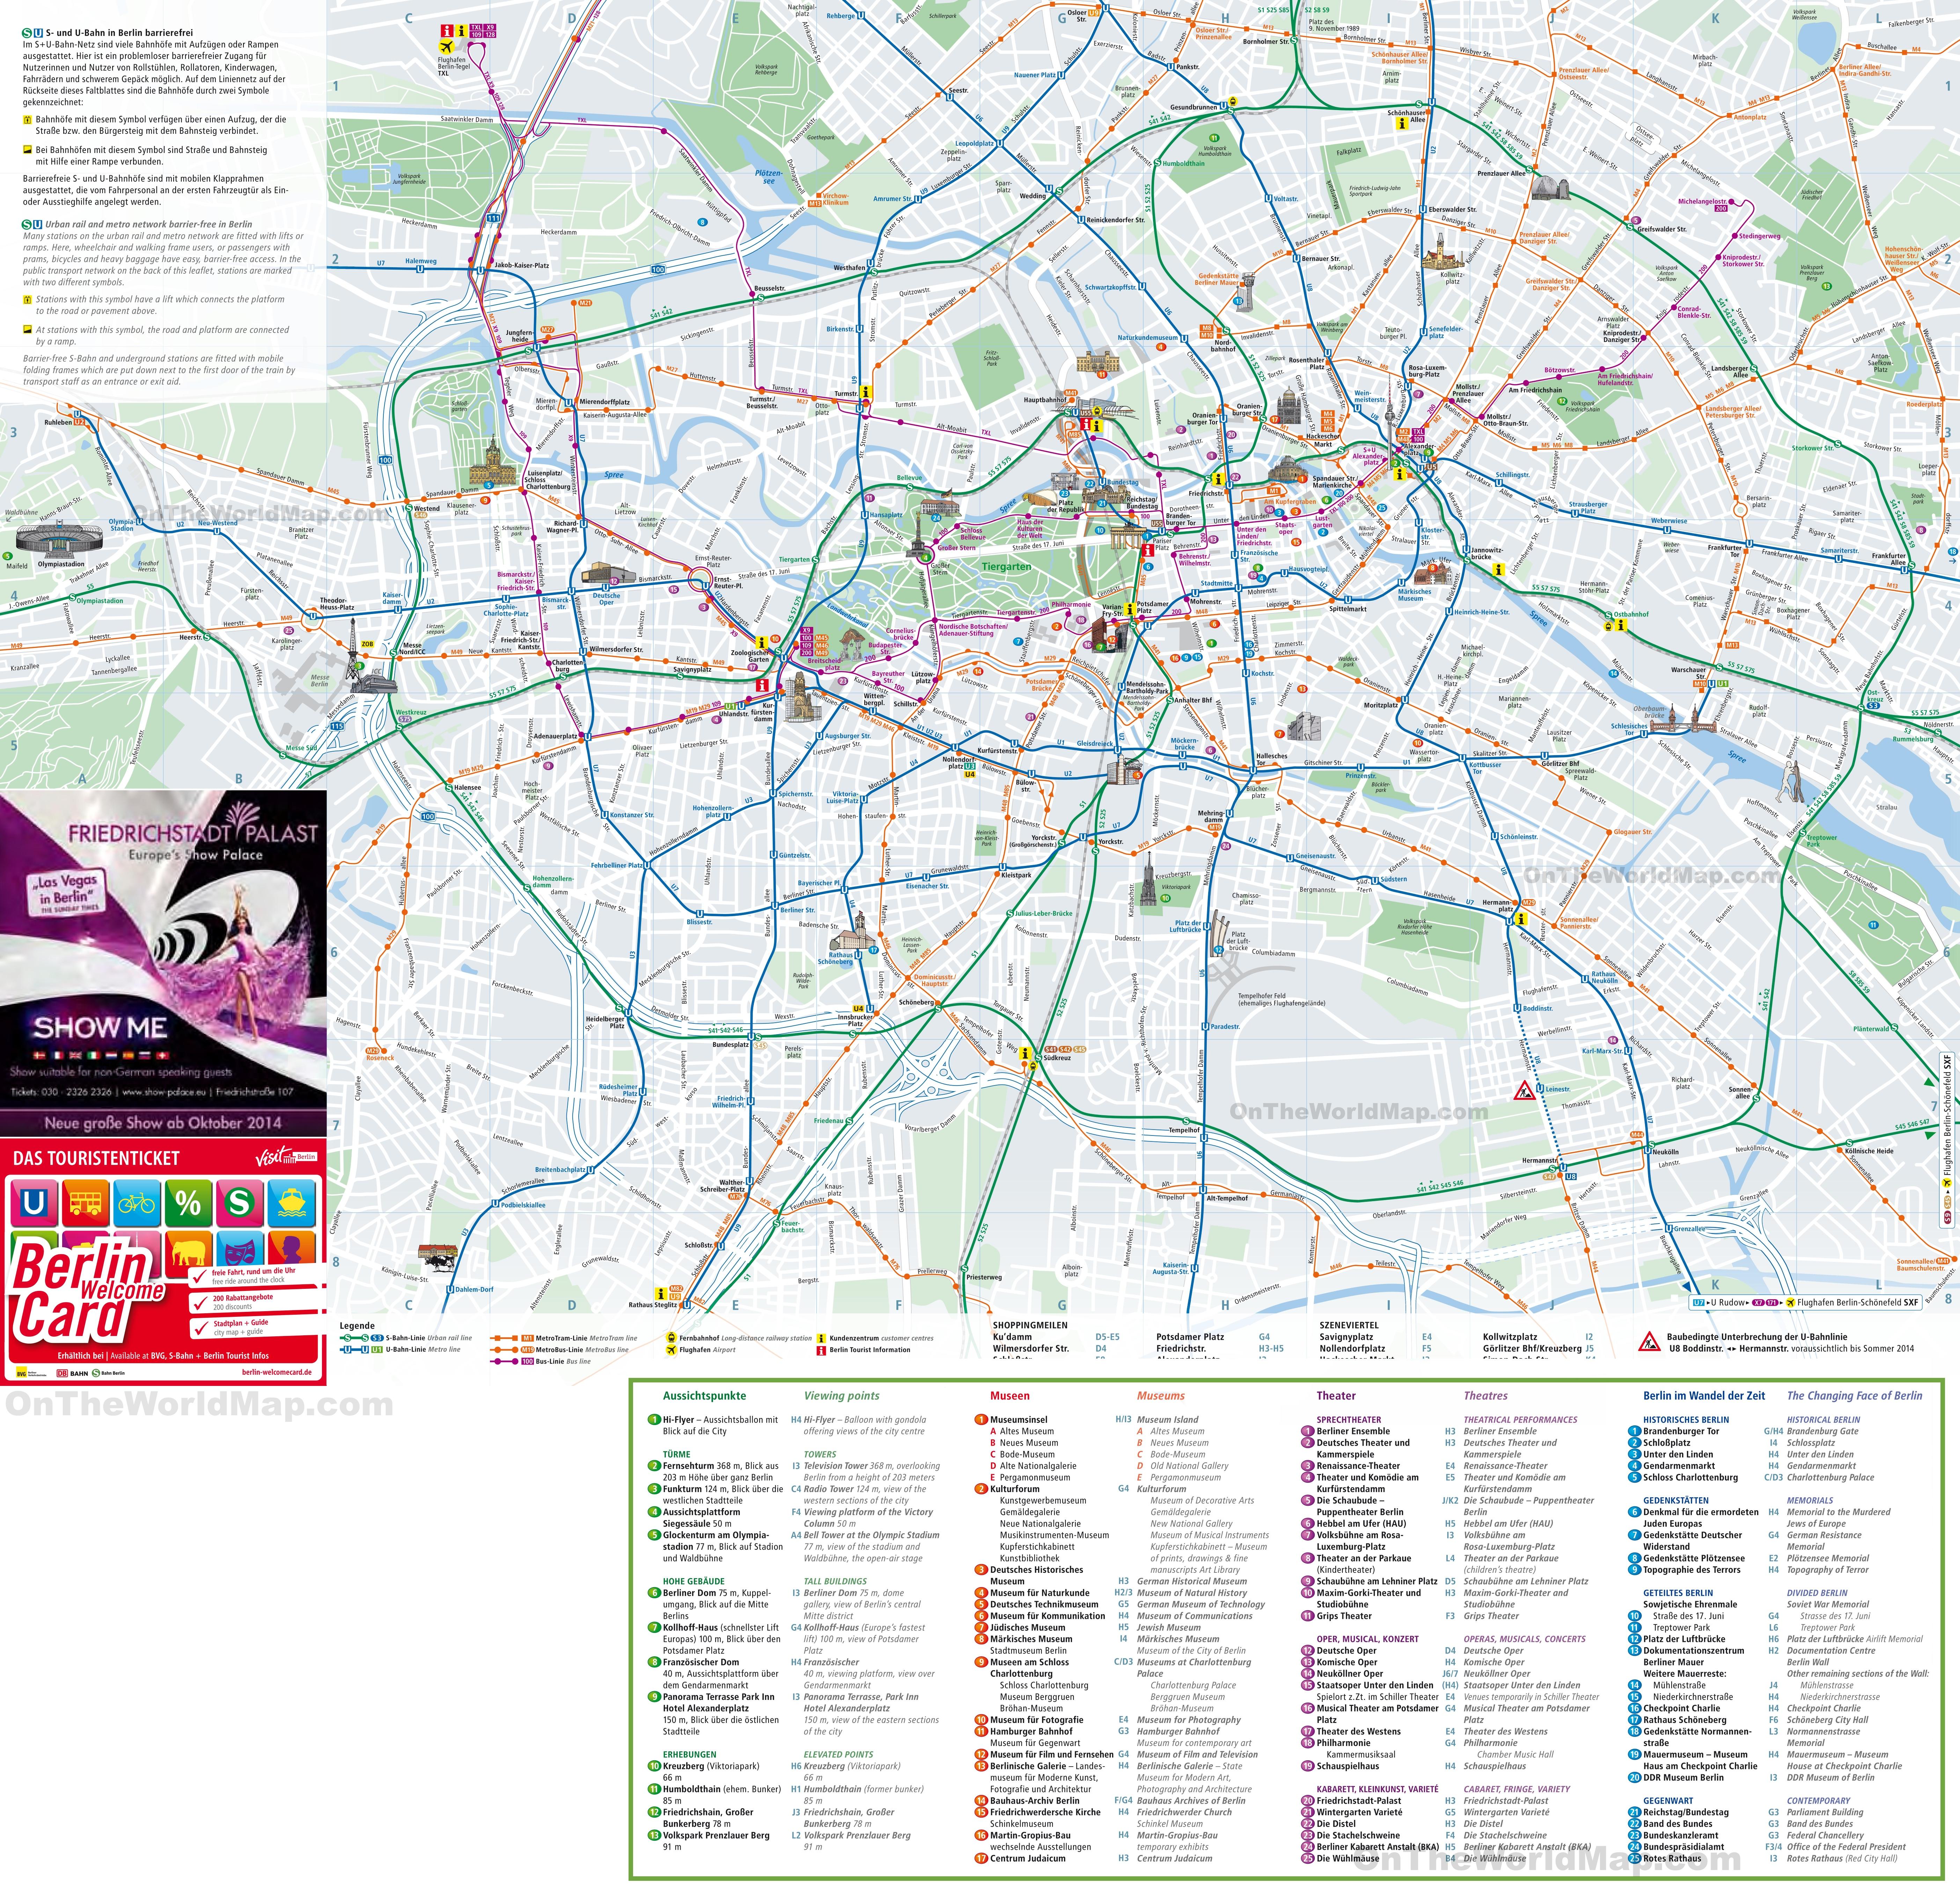 Berlin Tourist Map Berlin tourist attractions map